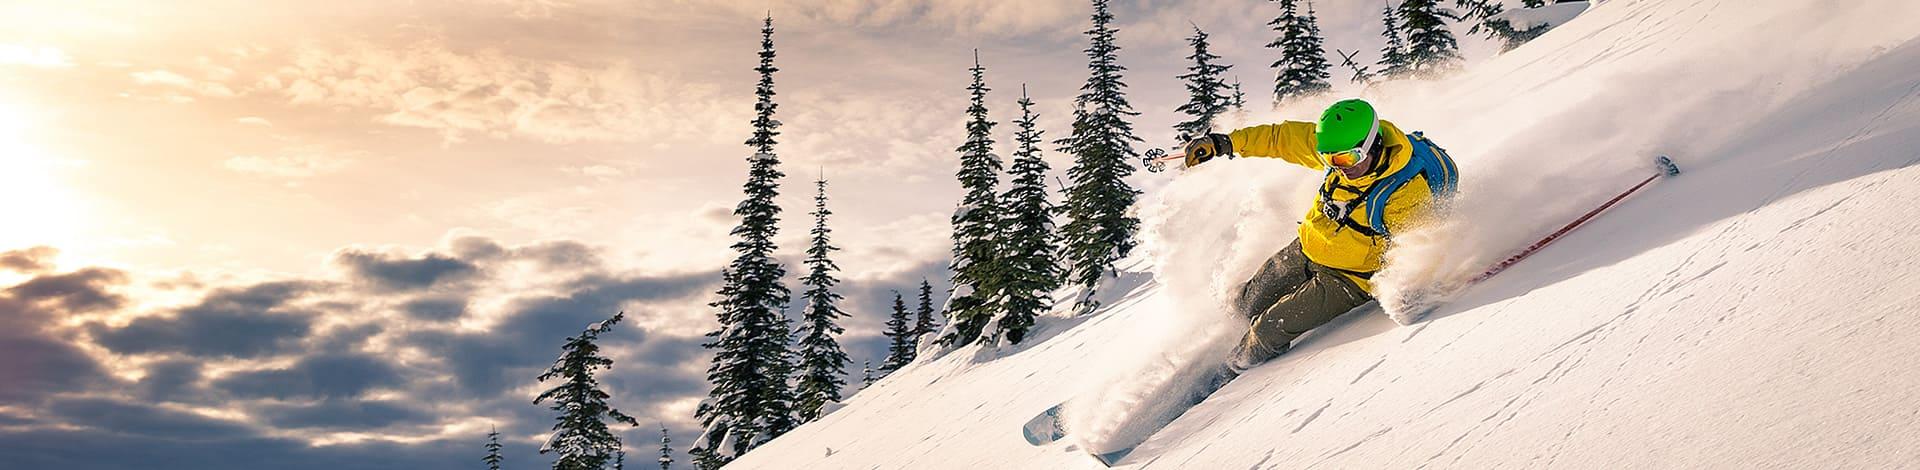 Skifahren mit den Neuheiten und Trends 2019